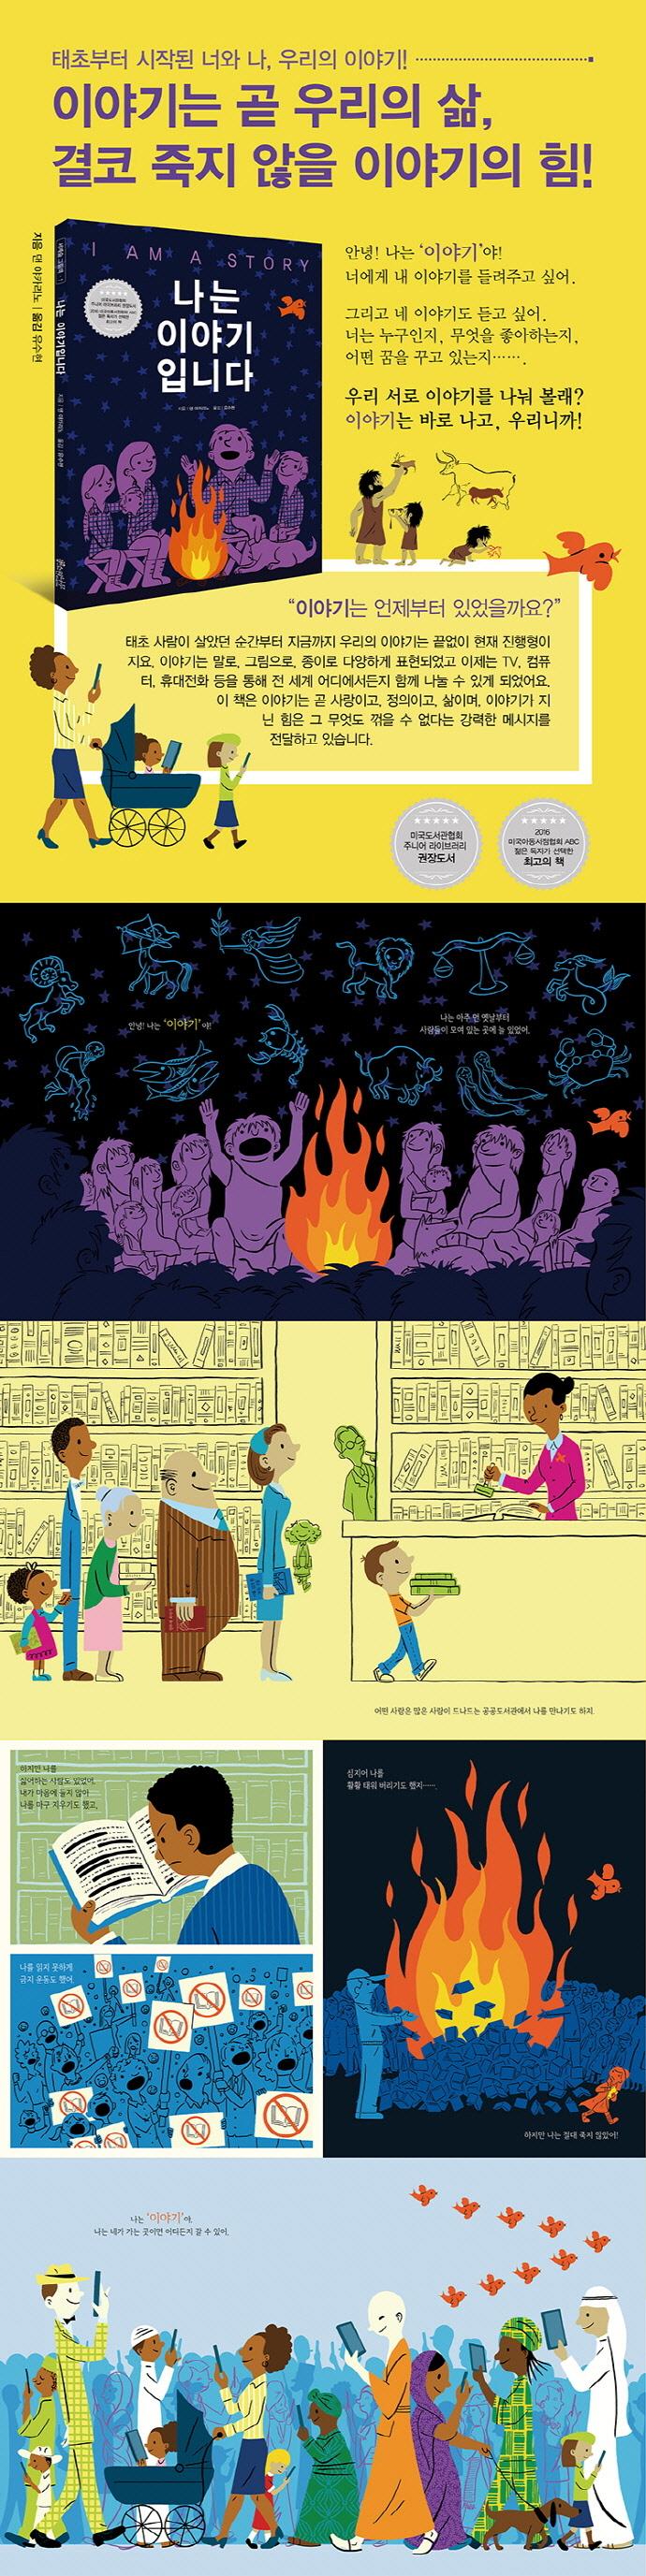 나는 이야기입니다(세계숲 그림책 1)(양장본 HardCover) 도서 상세이미지